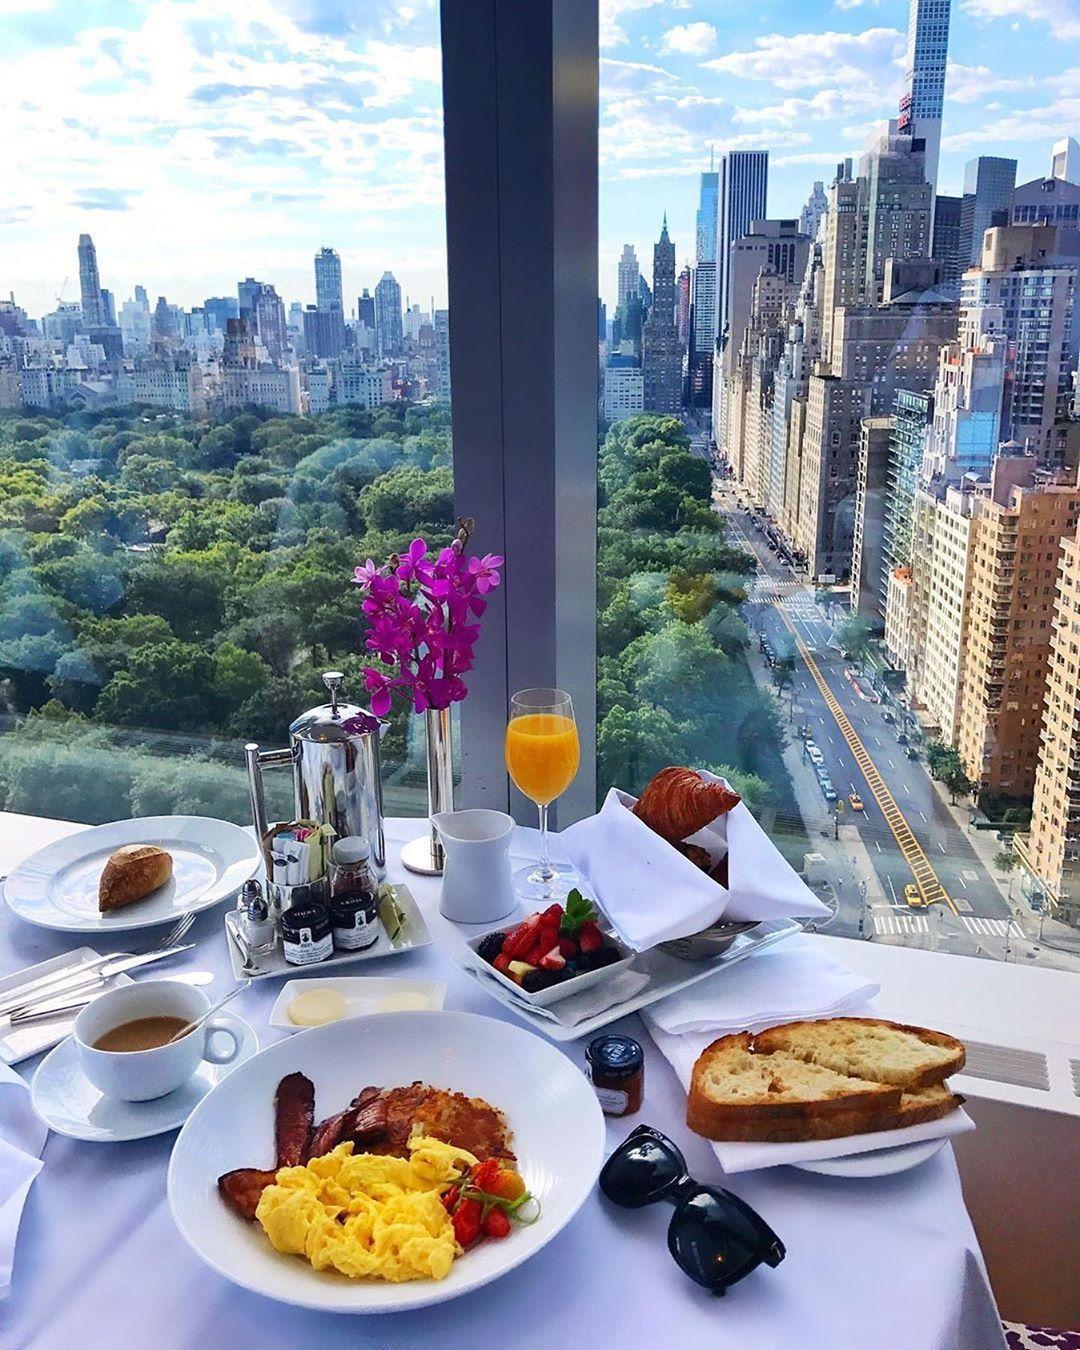 Breakfast In New York By Kevinsuganda Breakfastwithaview Breakfast Around The World New York Food Hotel Breakfast Buffet